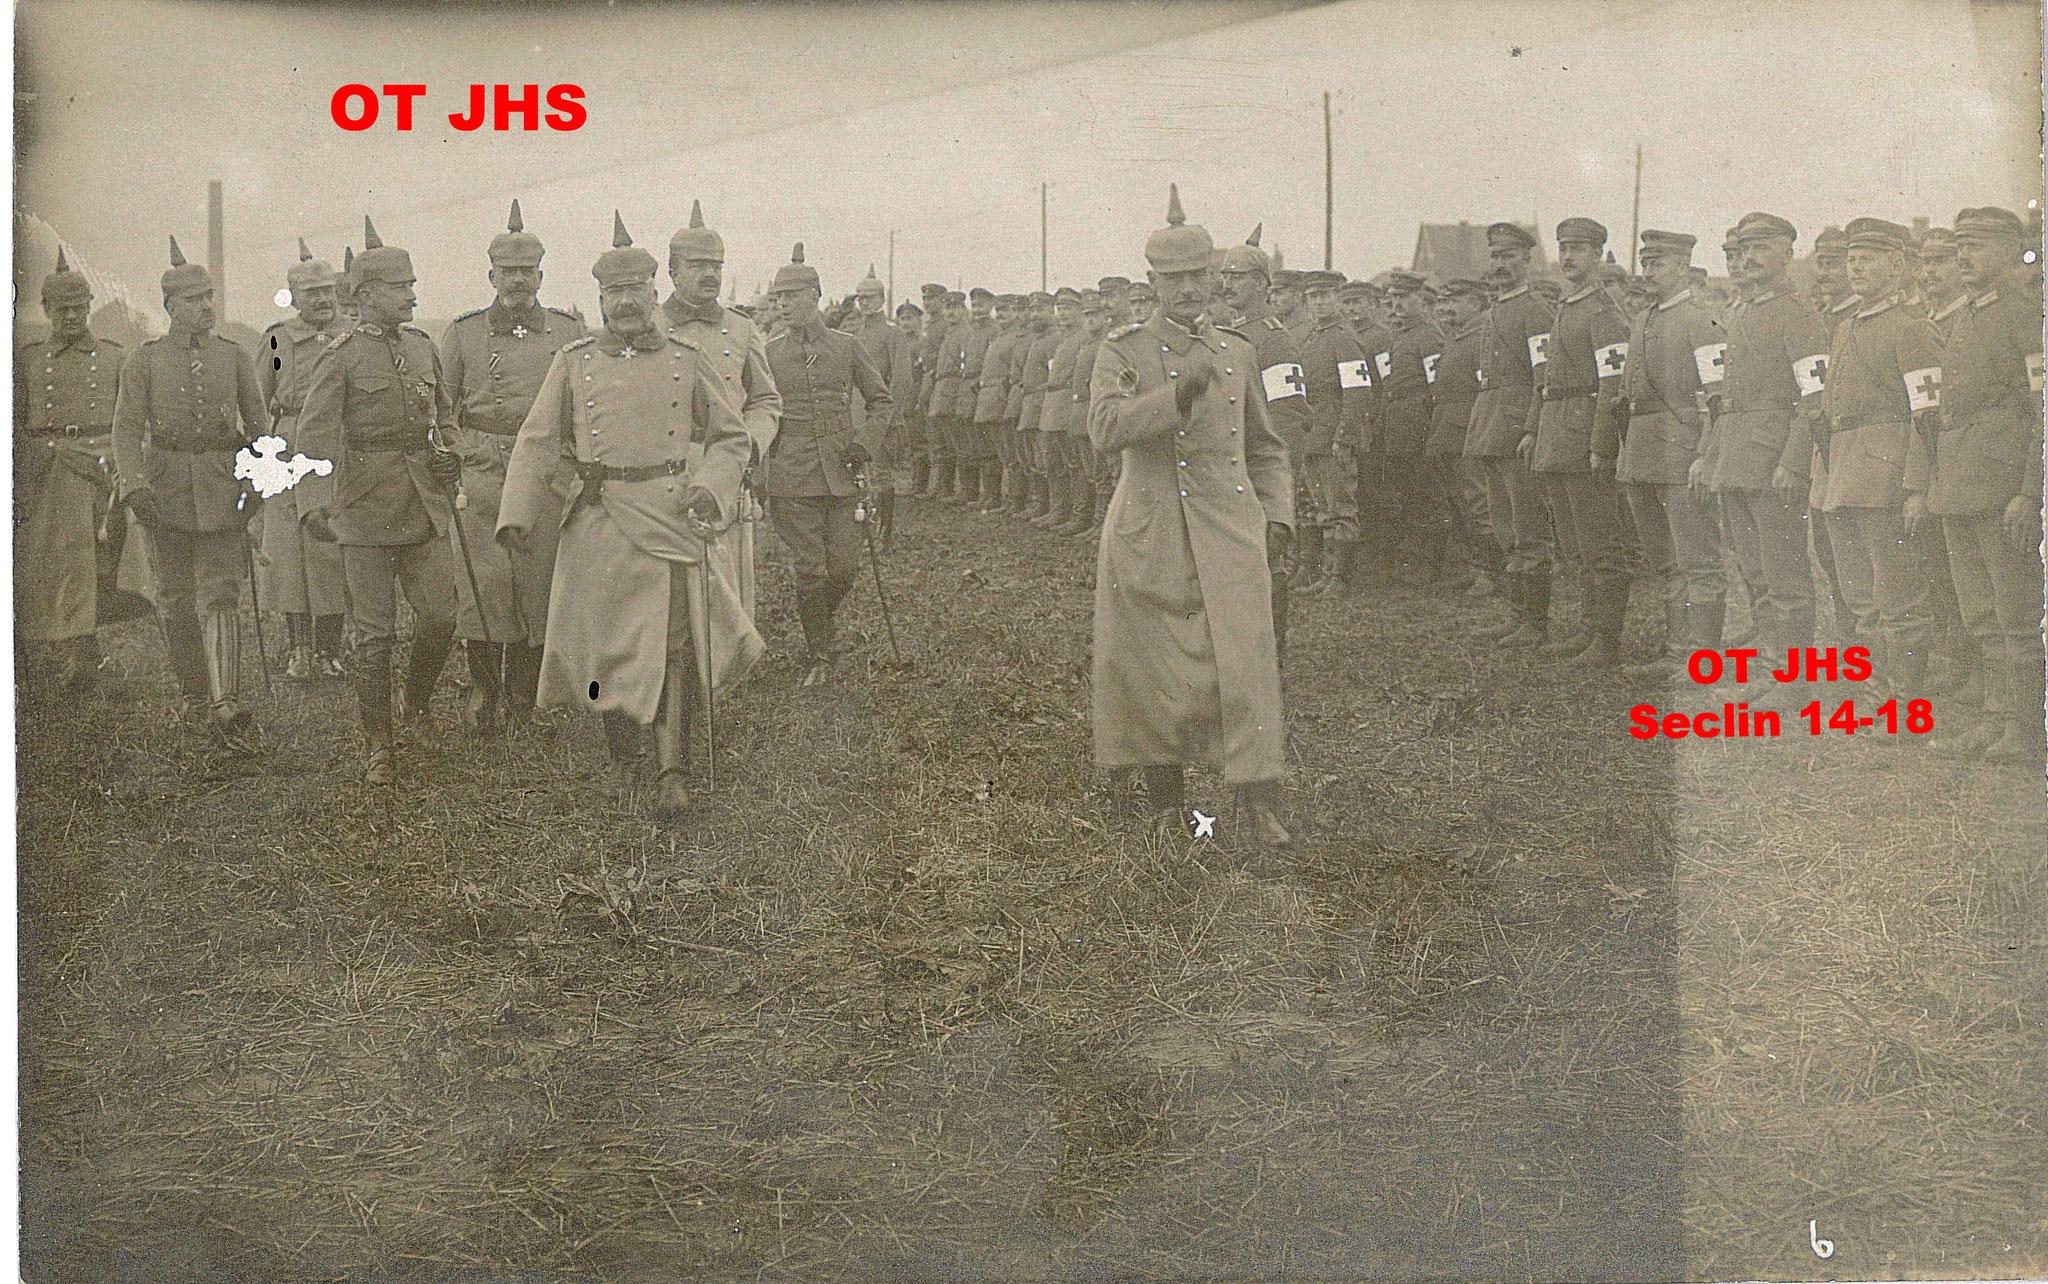 Revue de troupes brancardiers sur Seclin, Novembre 1915 - Par Konprinz Rupprecht Von Bayern et Général Von François (crédit : OT-JHS Seclin-1918 - reproduction interdite)